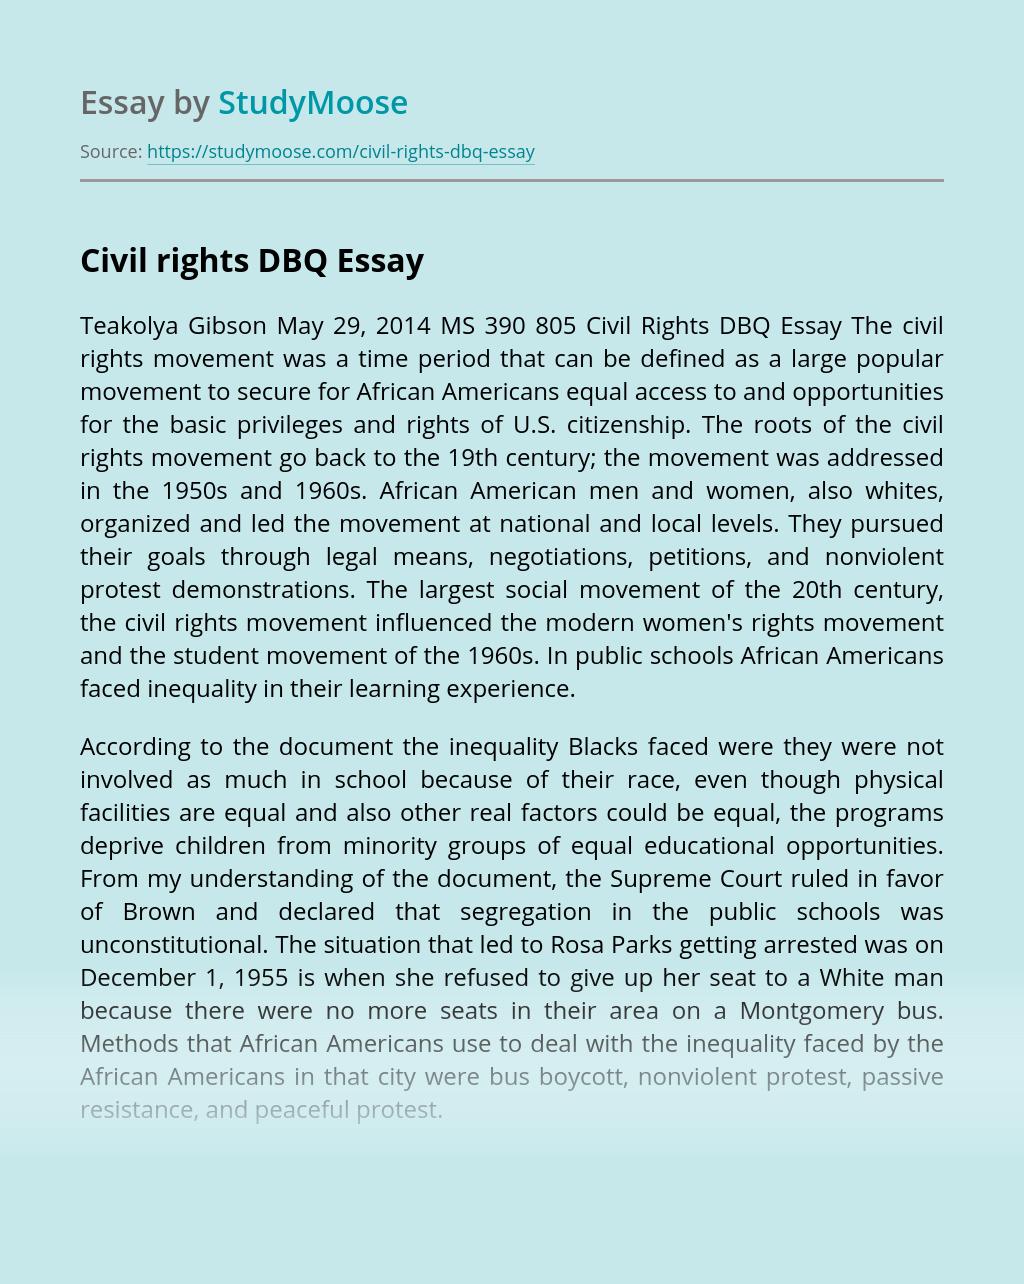 Civil rights DBQ